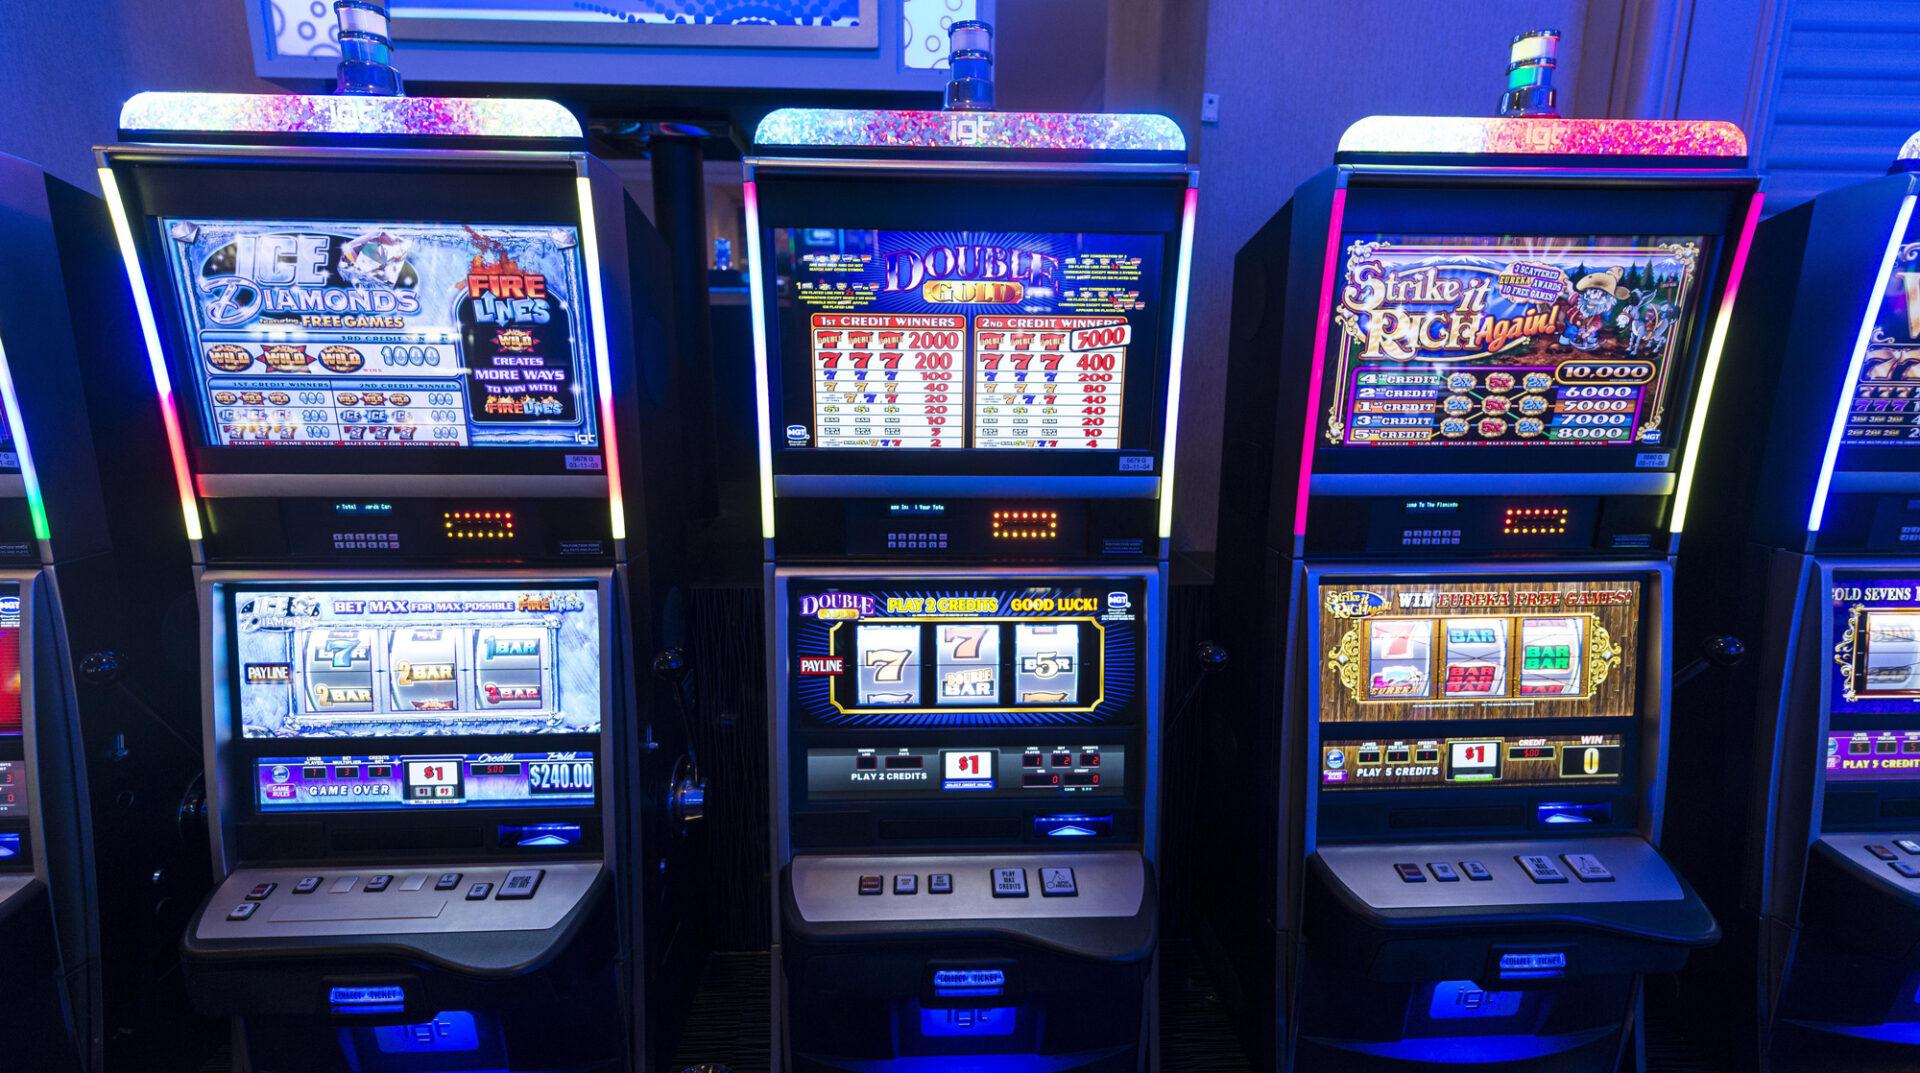 Быстрые слот автоматы ночь покер смотреть онлайн бесплатно в хорошем качестве